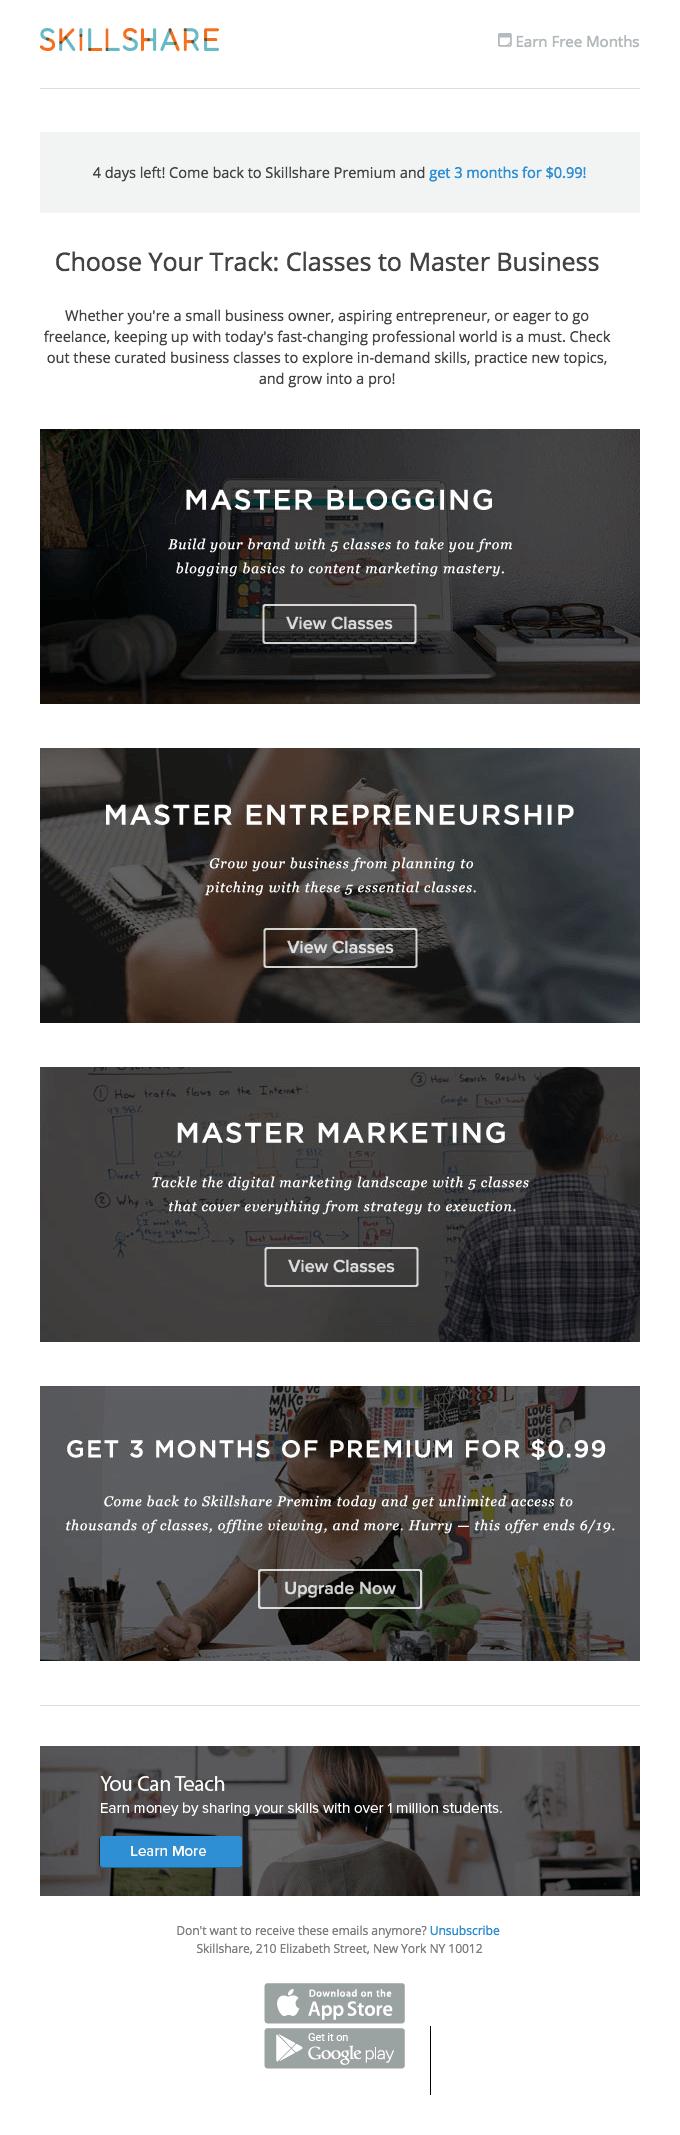 Skillshare_Email-1.png